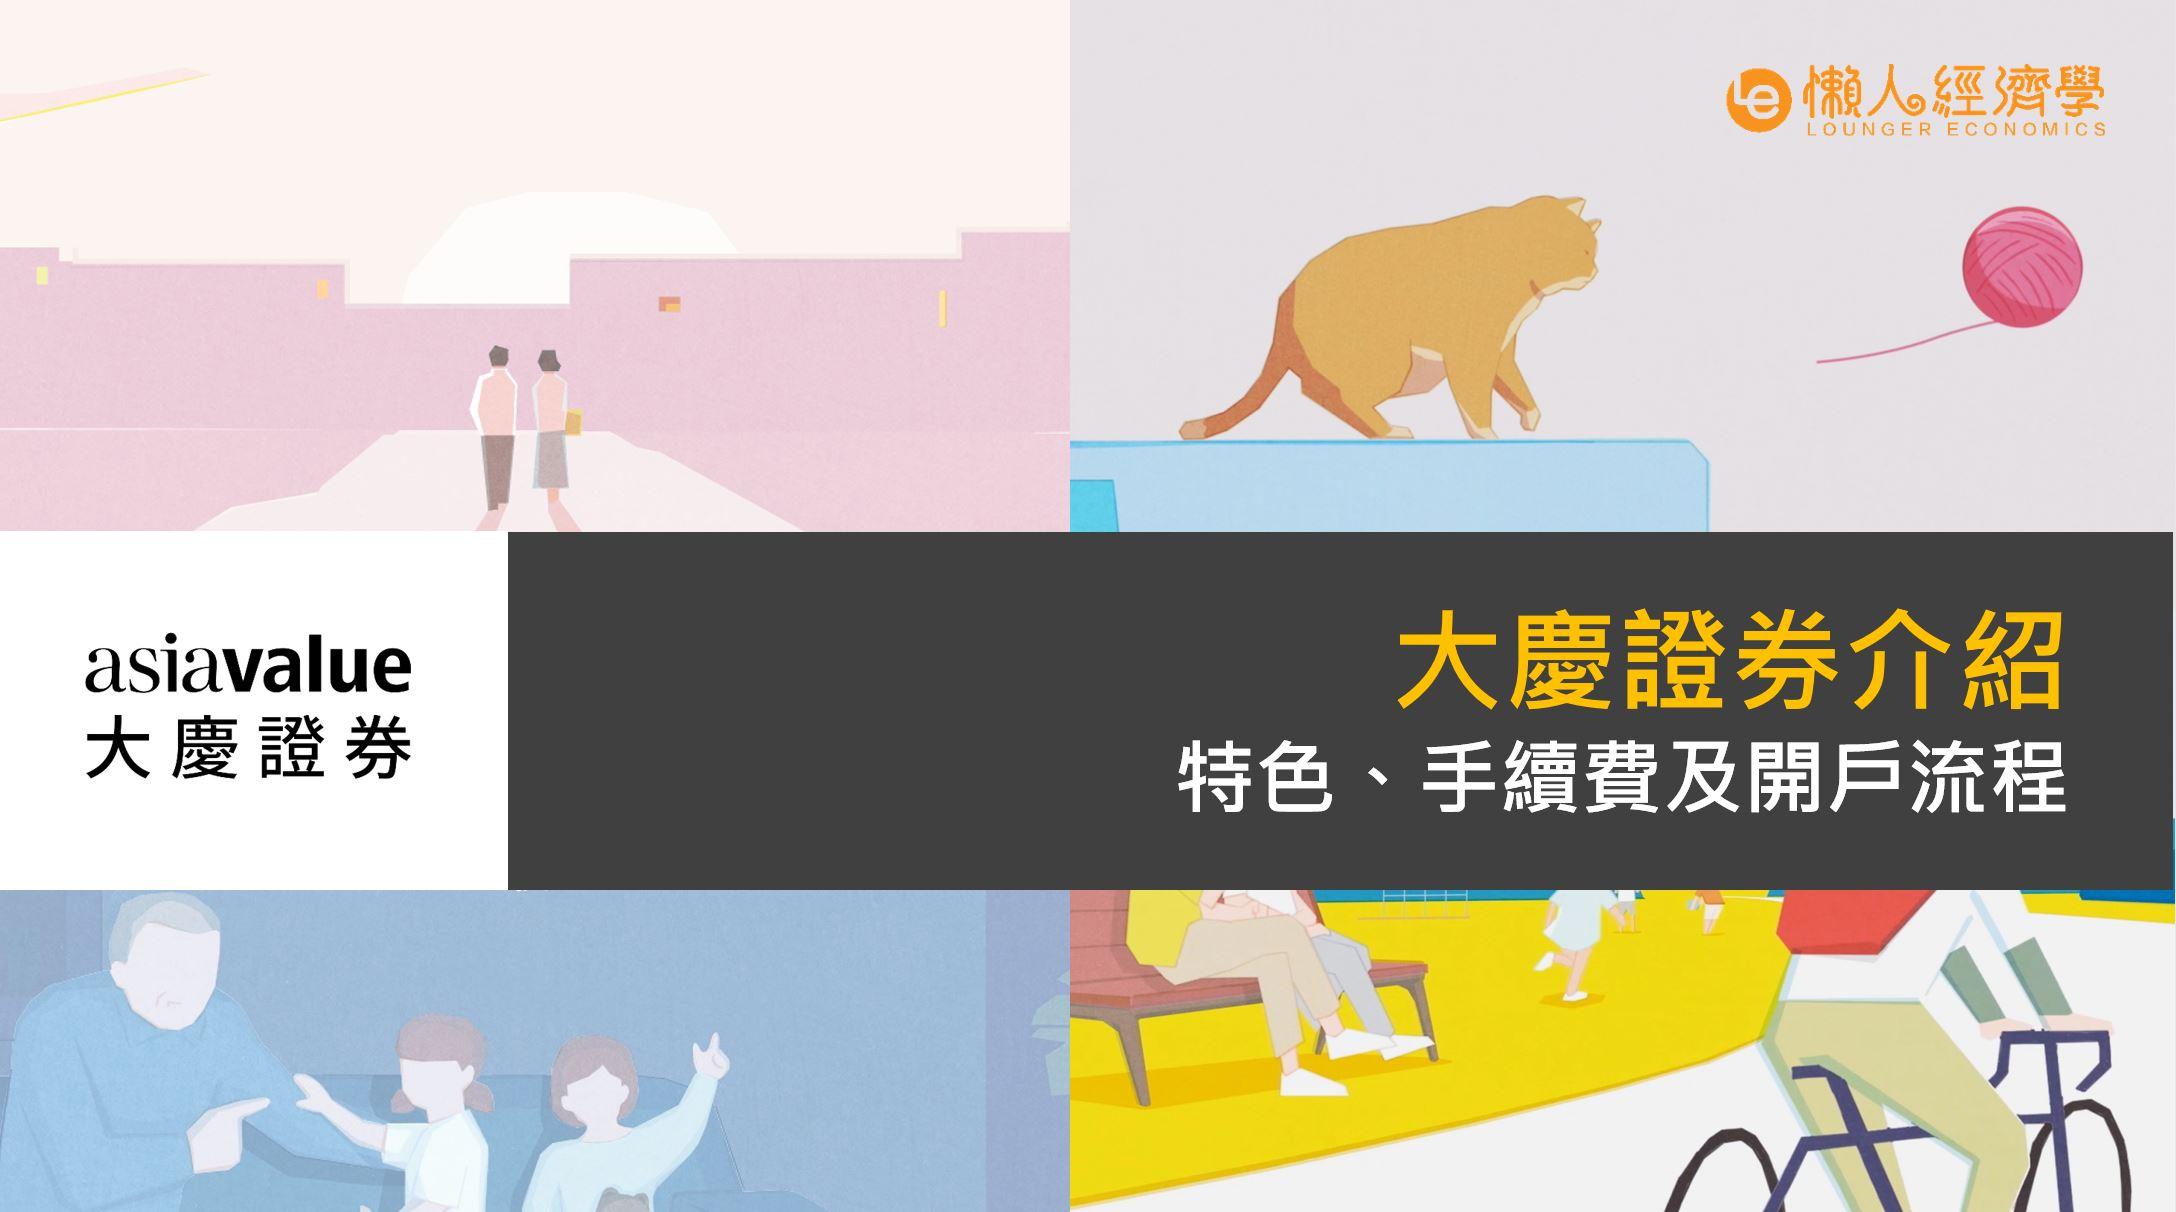 大慶證券介紹》》開戶流程、特色優惠、手續費總整理